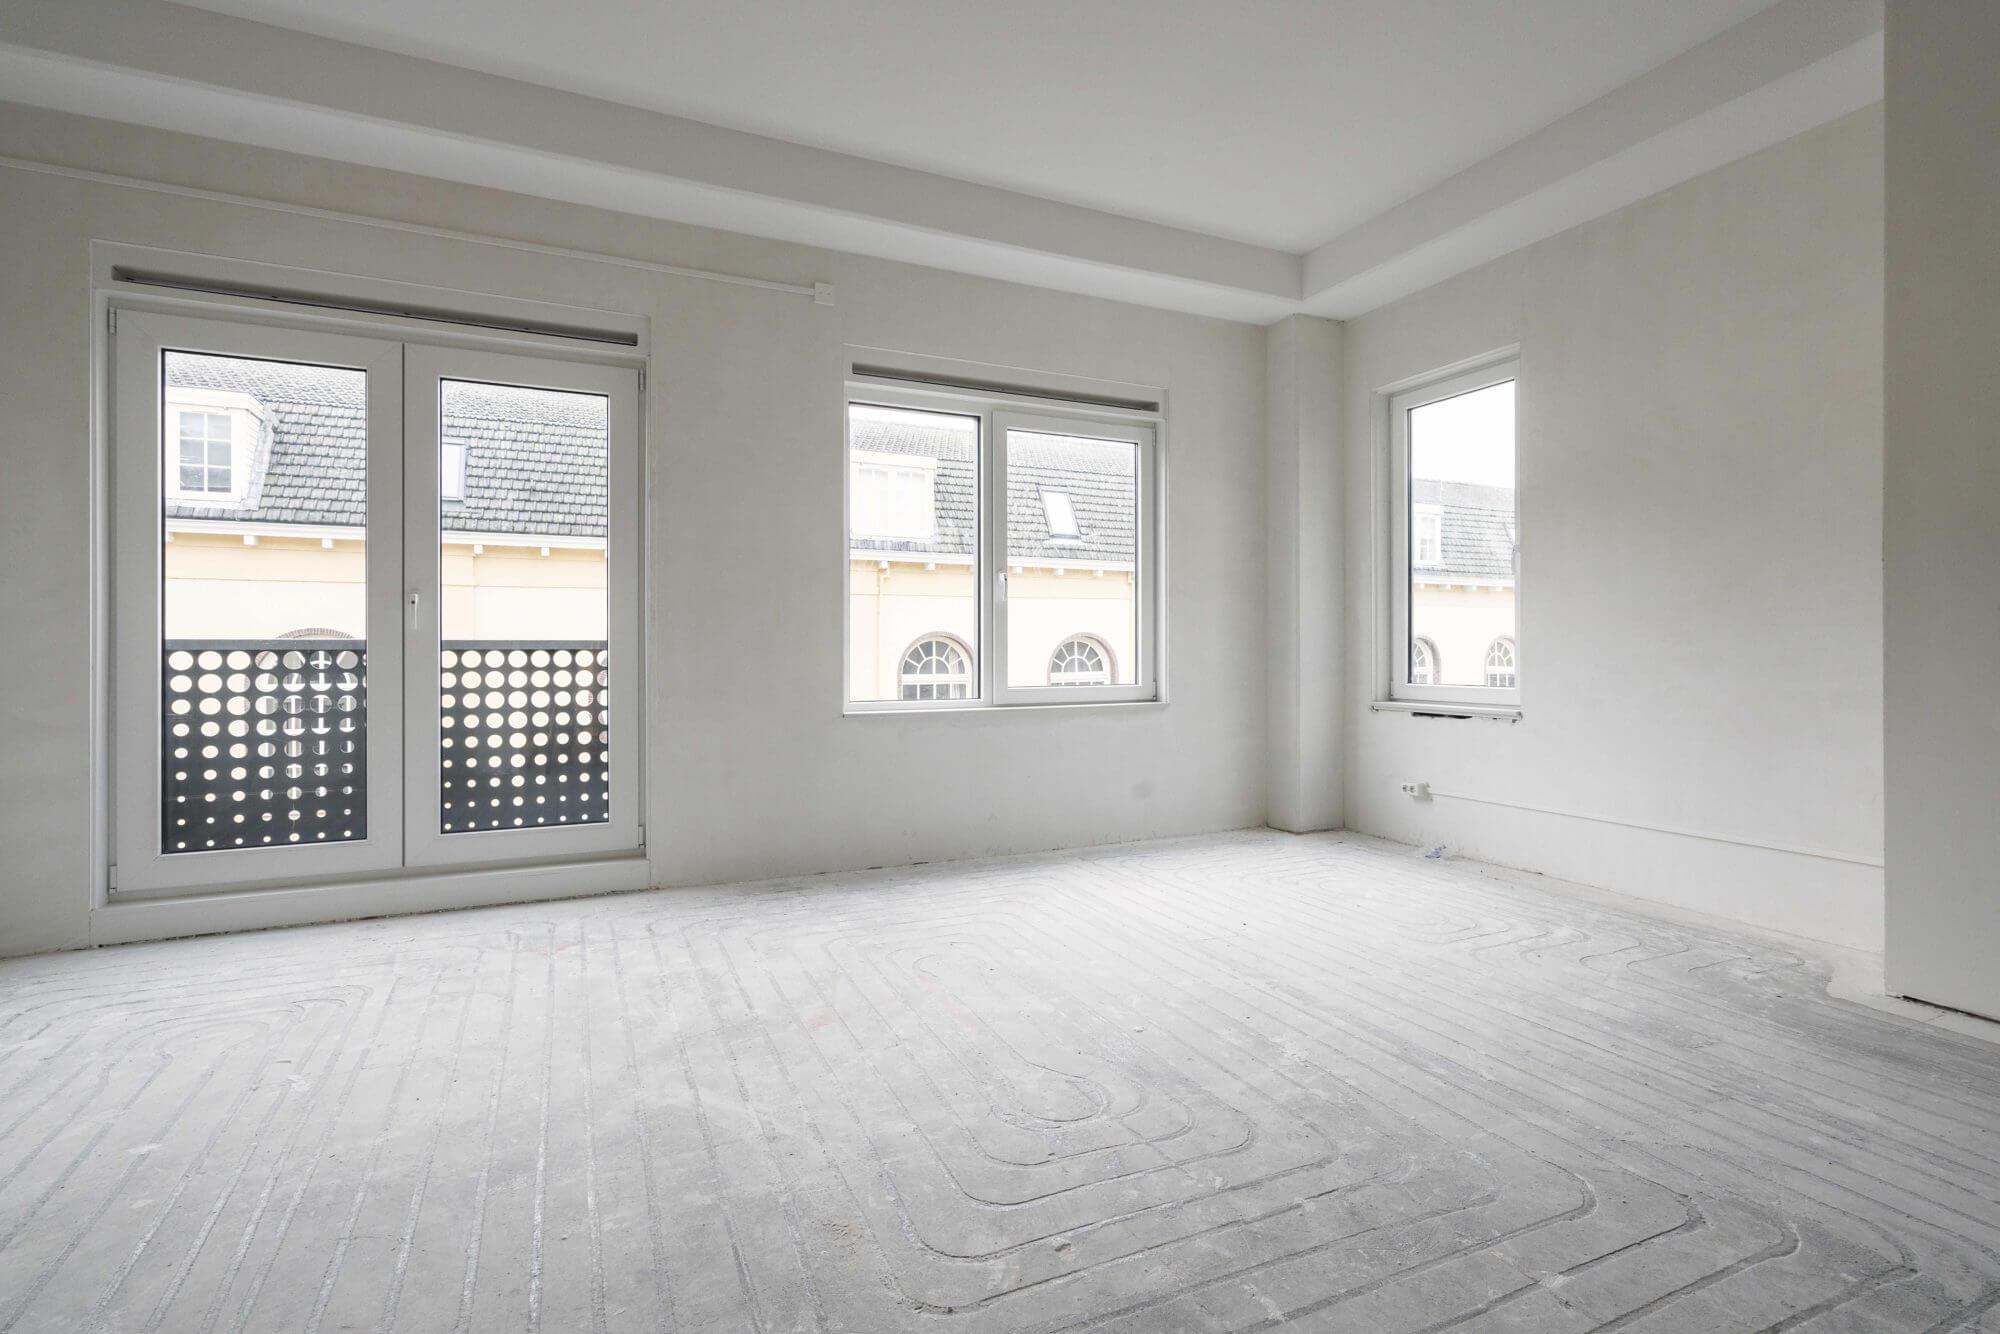 Transformatie kantoor naar woningen Kloosterveste, Gouda